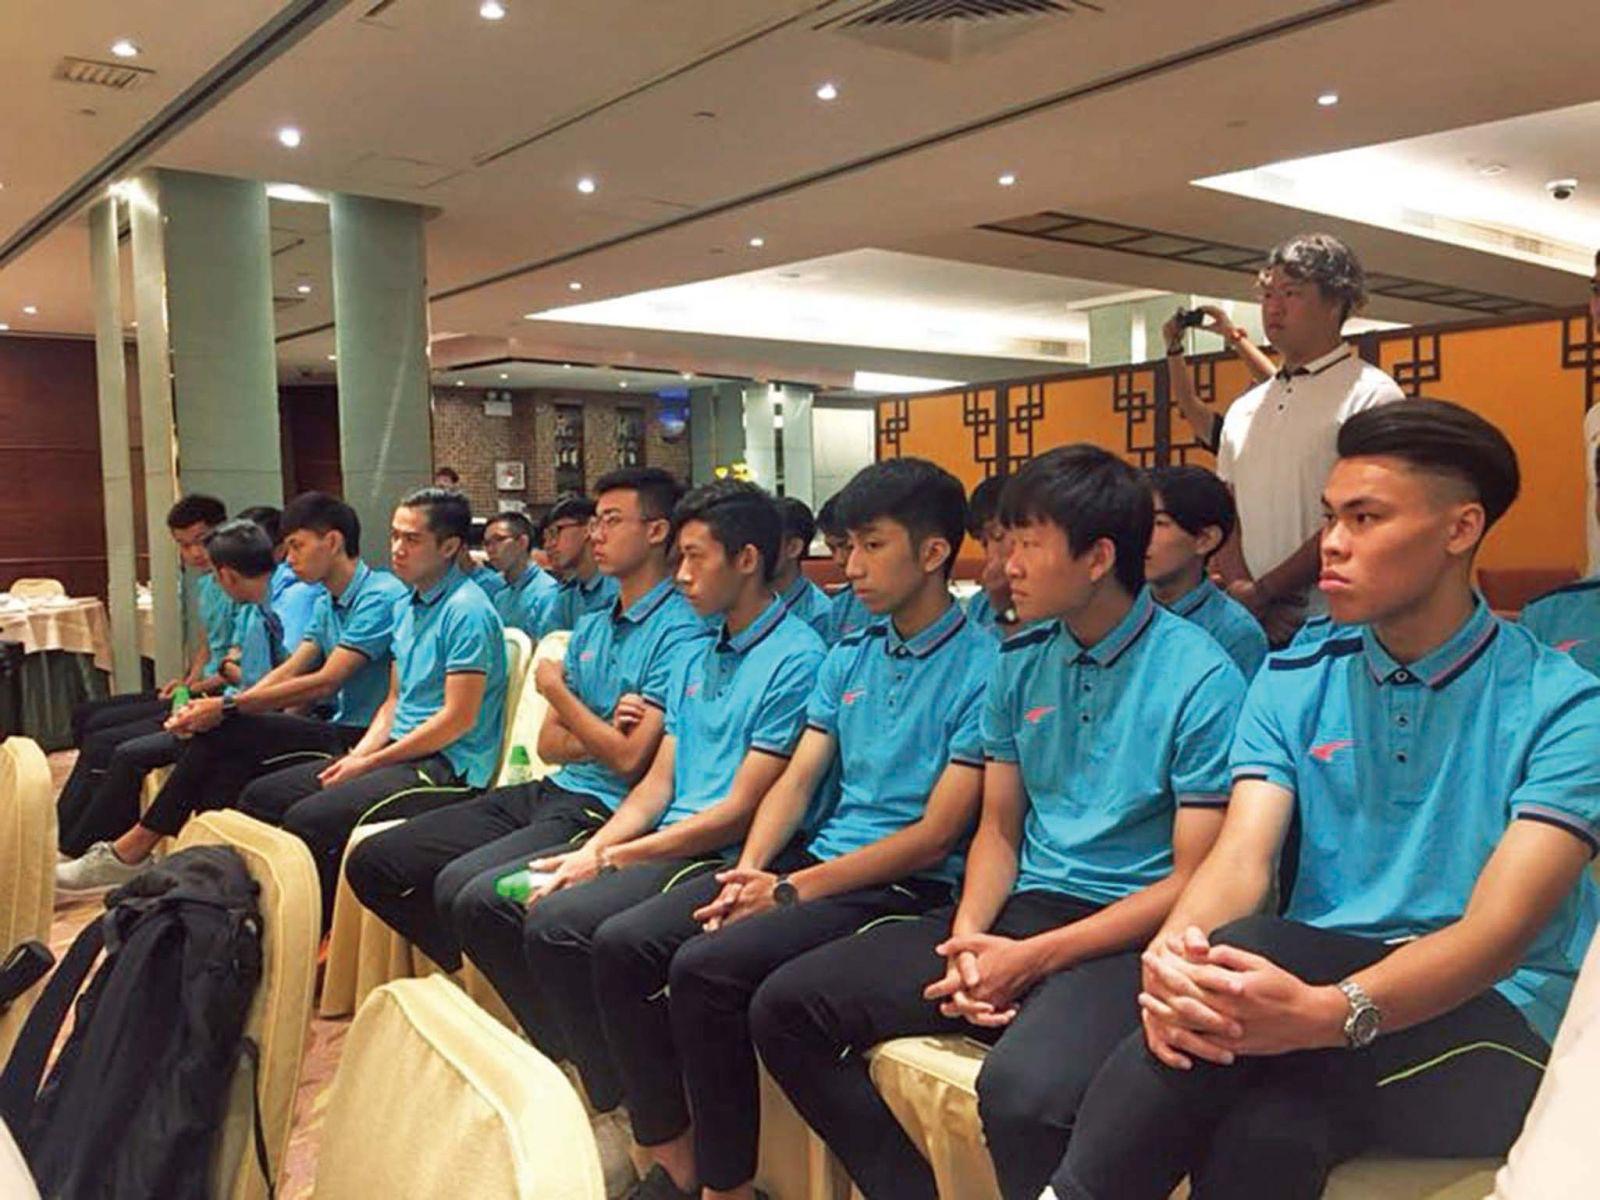 澳門發展隊參加中冠聯賽